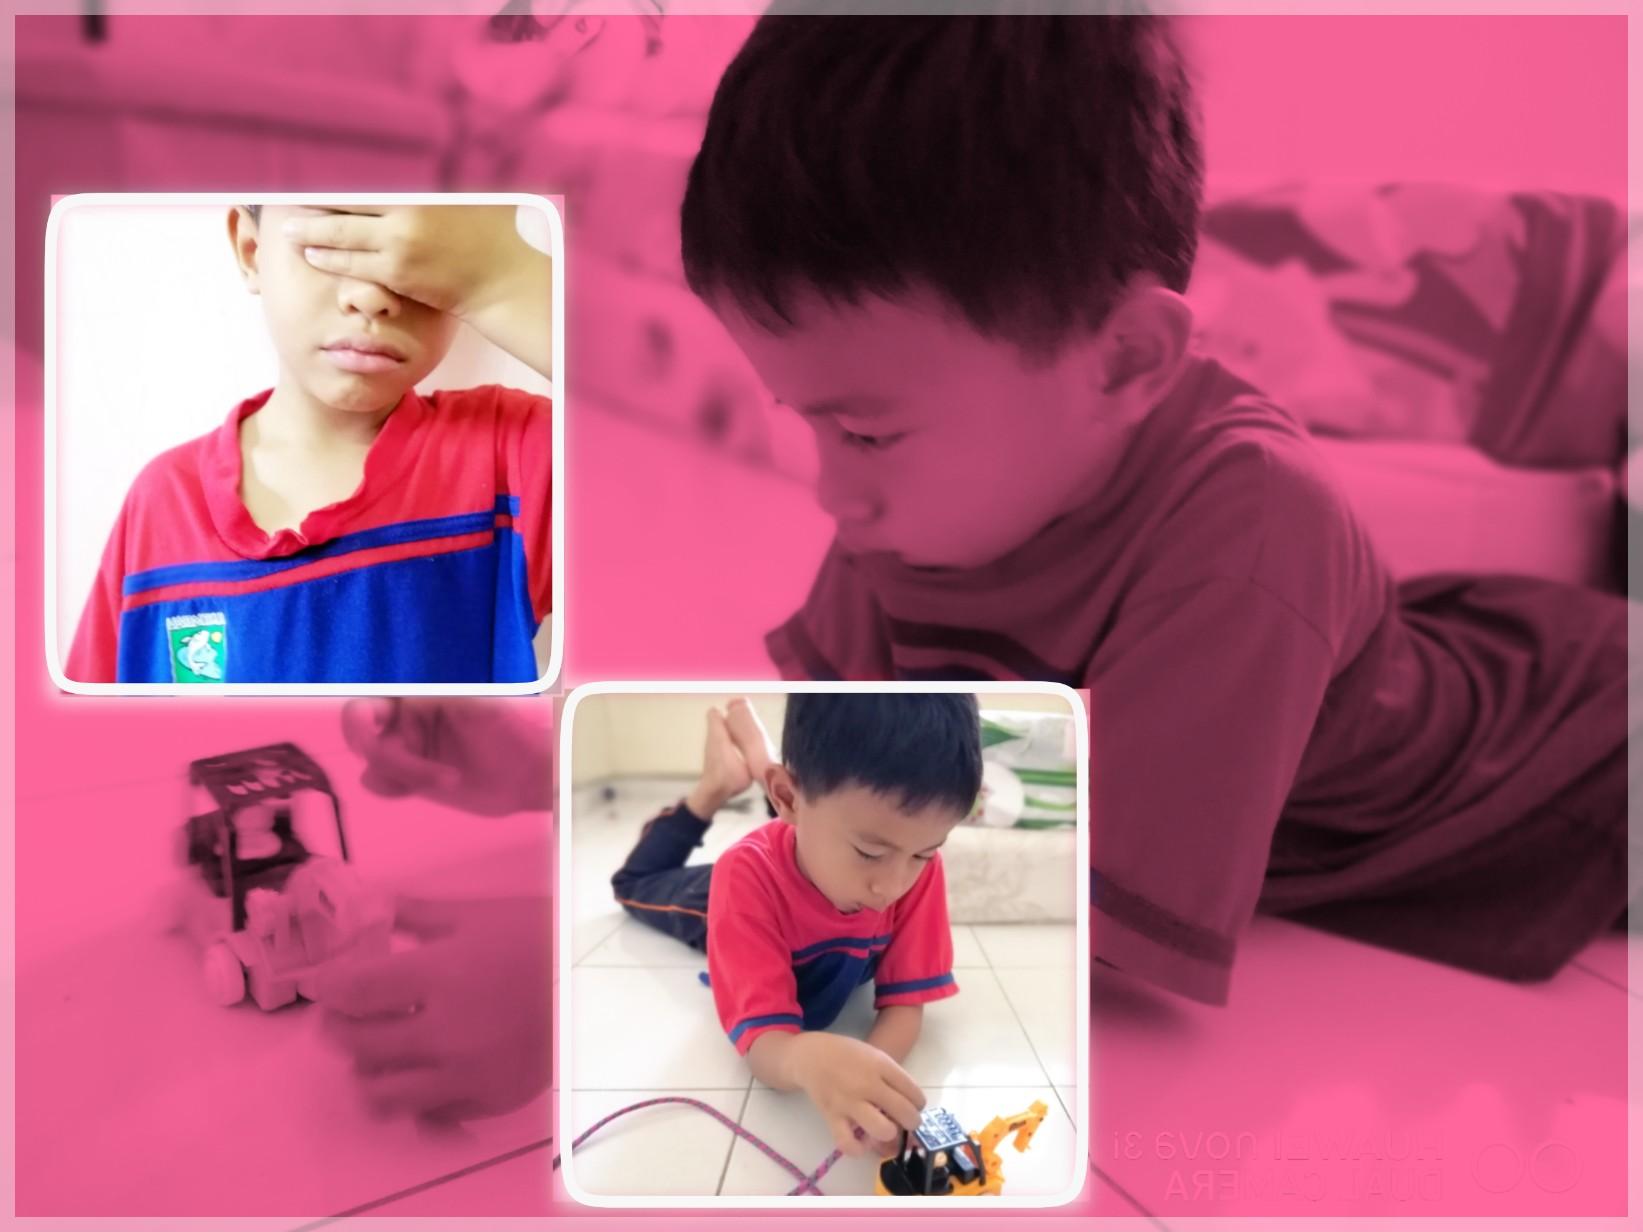 kanak kanak stres dengan perintah kawalan pergerakan pkp covid 19